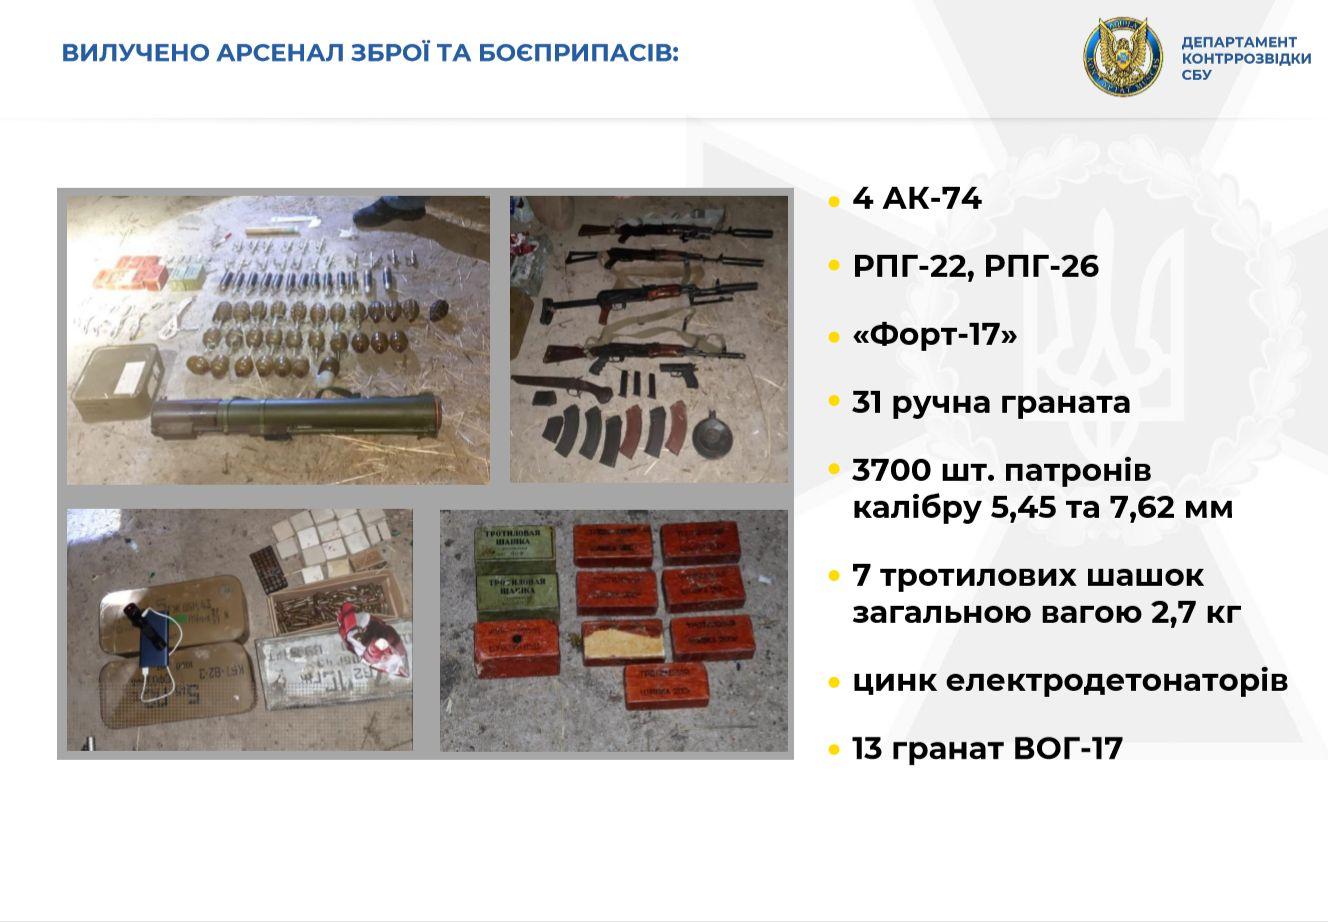 Ukrayna'da FSB ajanlarından ele geçirilen silah ve mühimmat